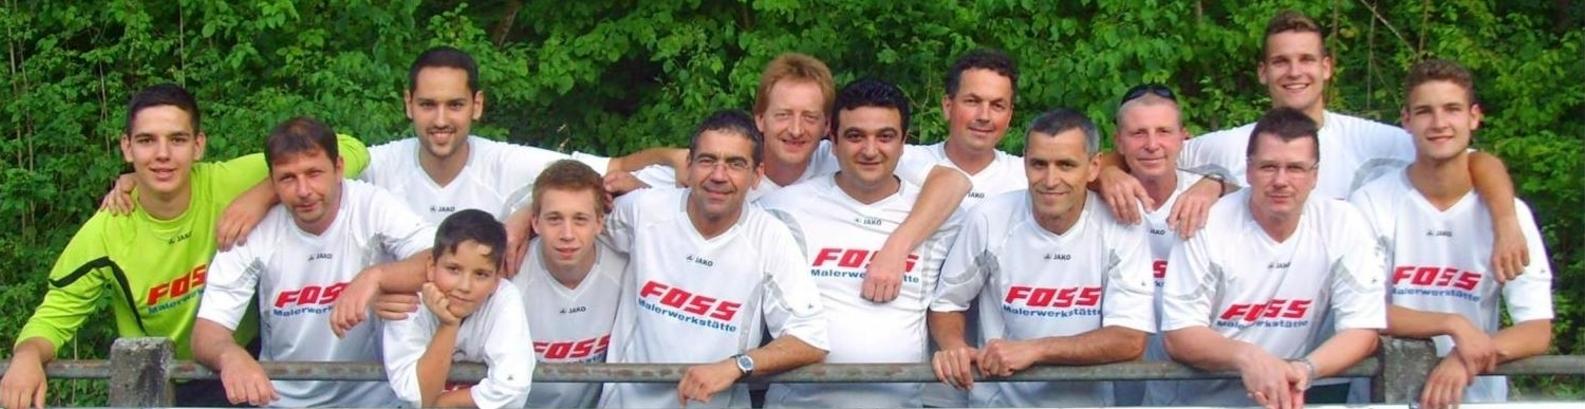 Foss GmbH, Niedernhaller Straße 10, 74679 Weissbach